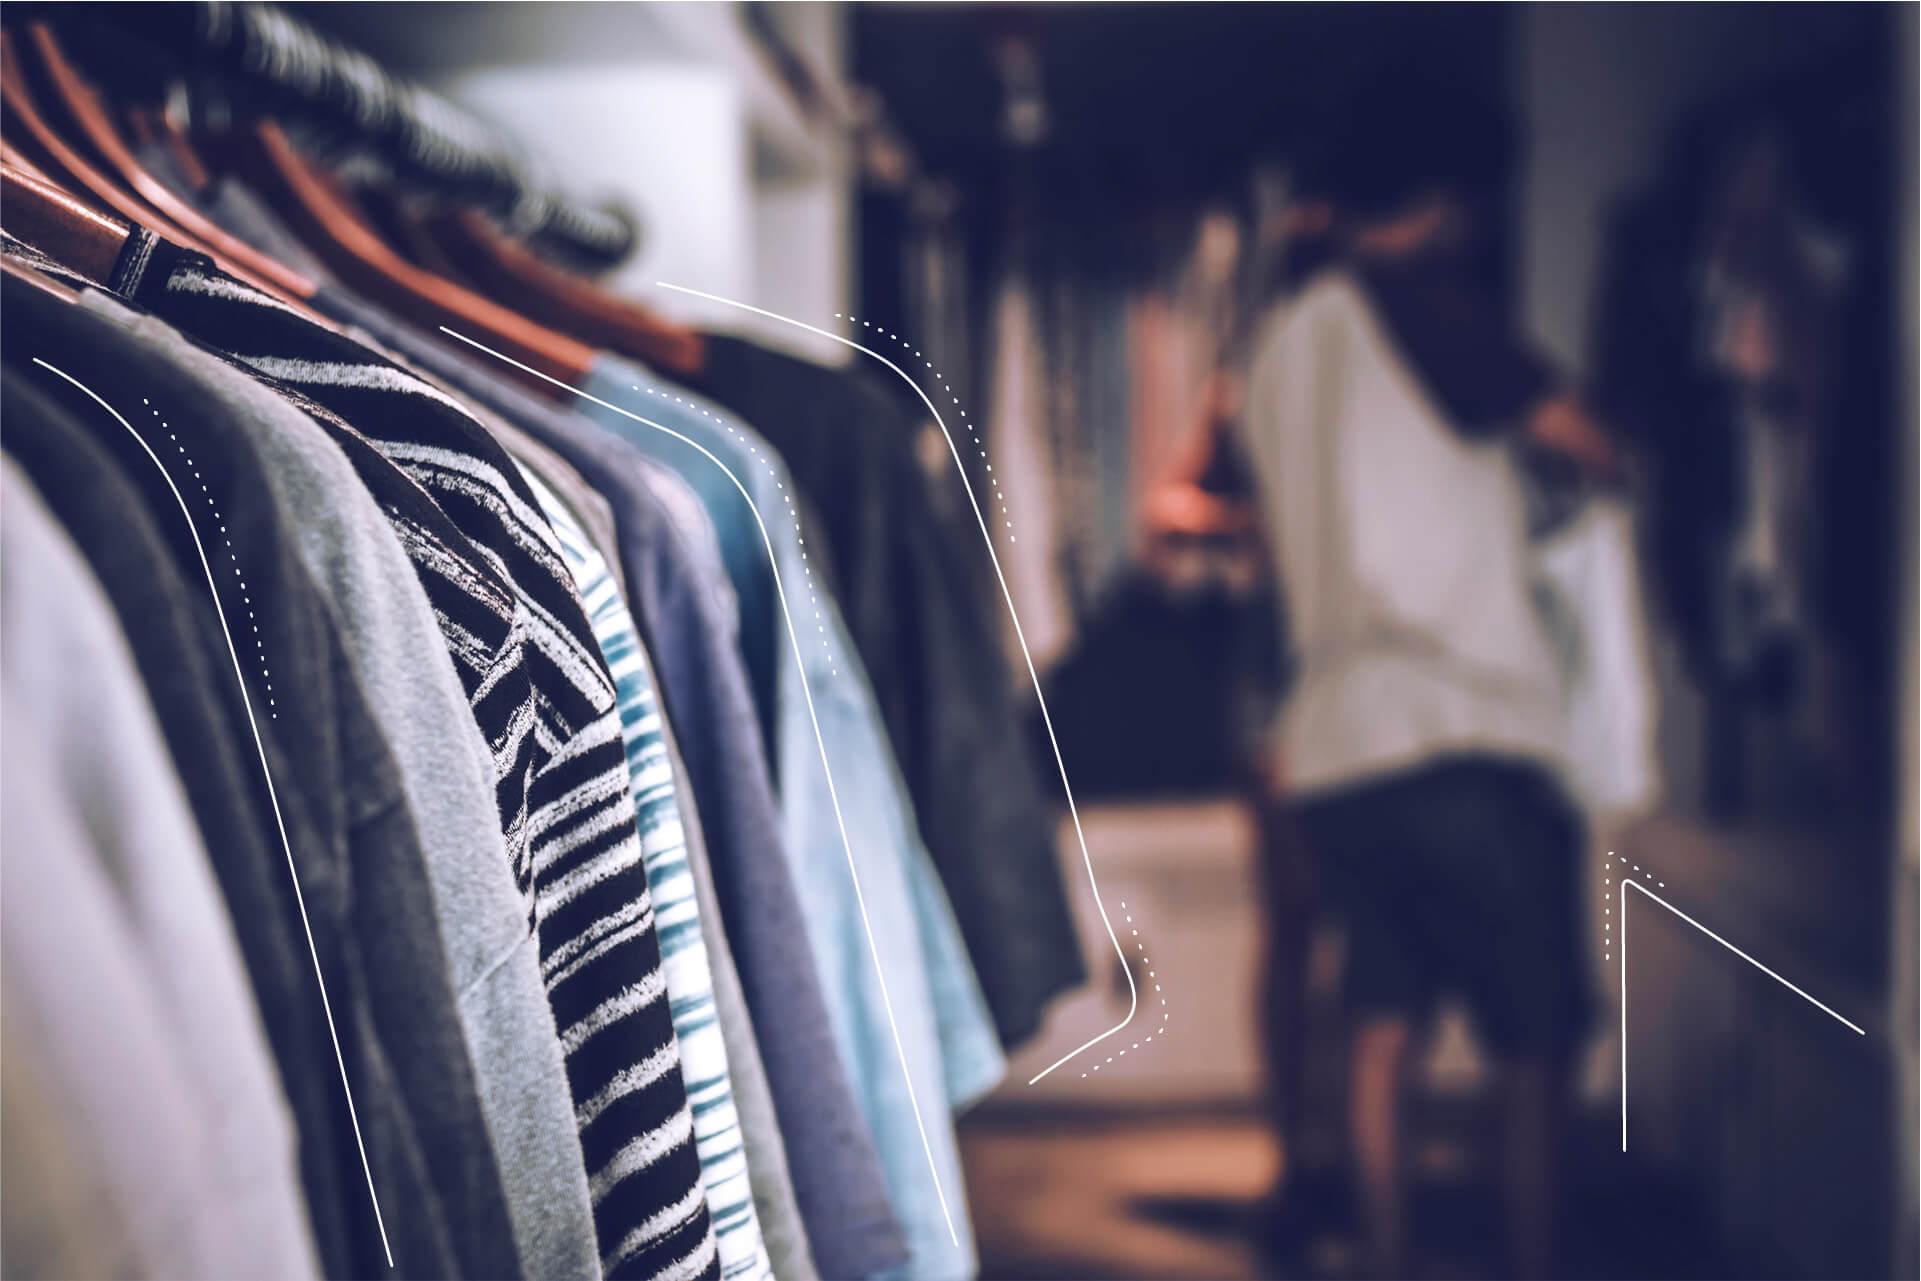 Eine unscharf Dargestellte Kleiderstange mit T-Shits und einer Person im Hintergrund. | eggheads.net